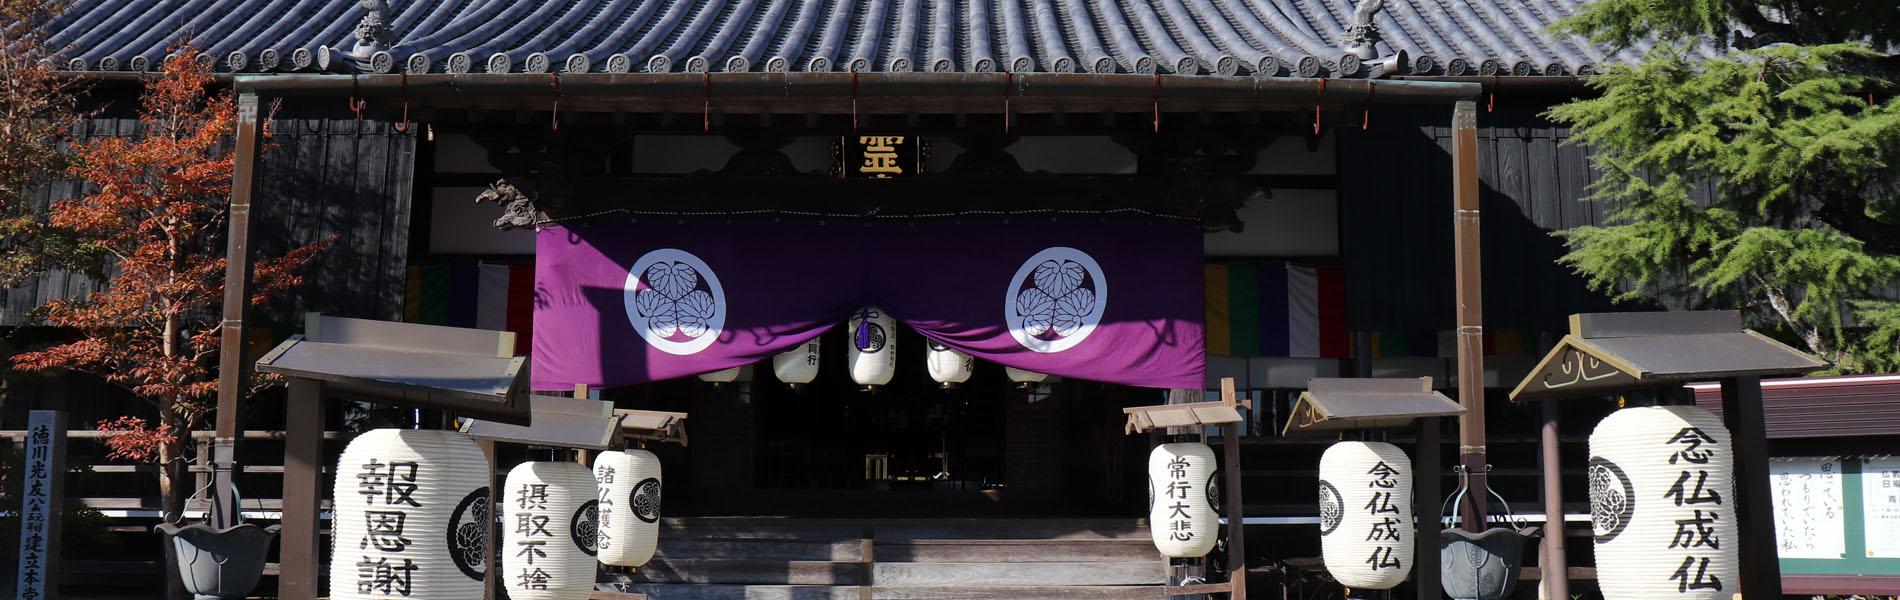 金龍山 霊泰院 青巖寺